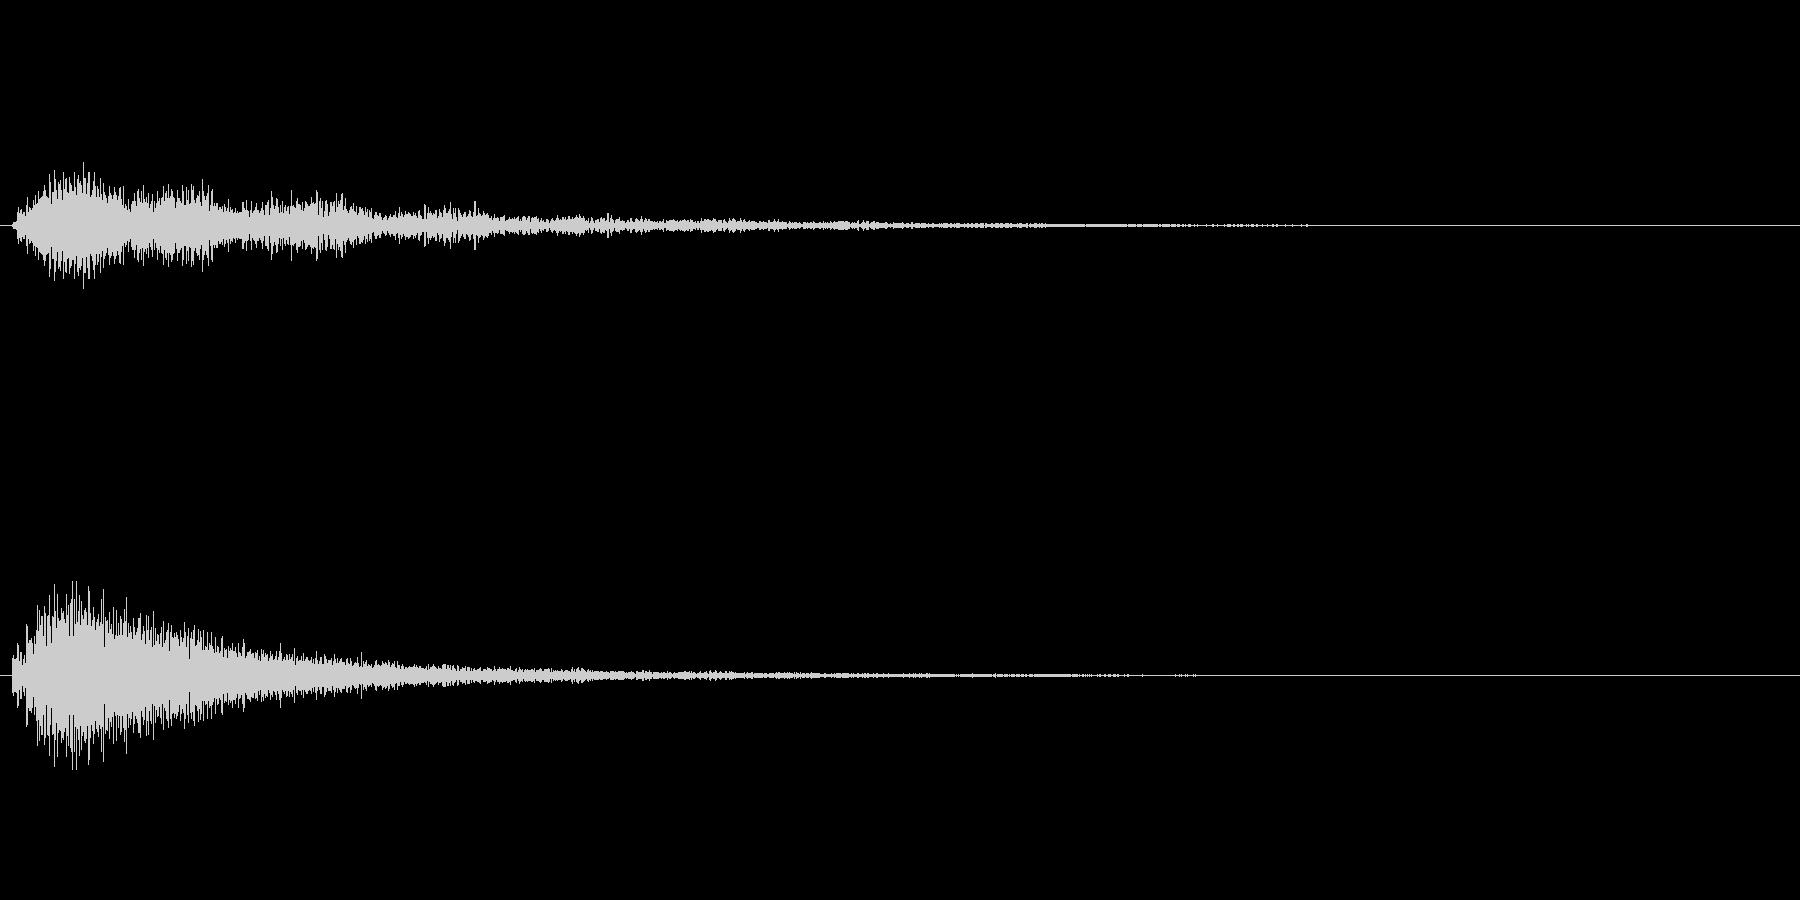 キラキラ系_098の未再生の波形